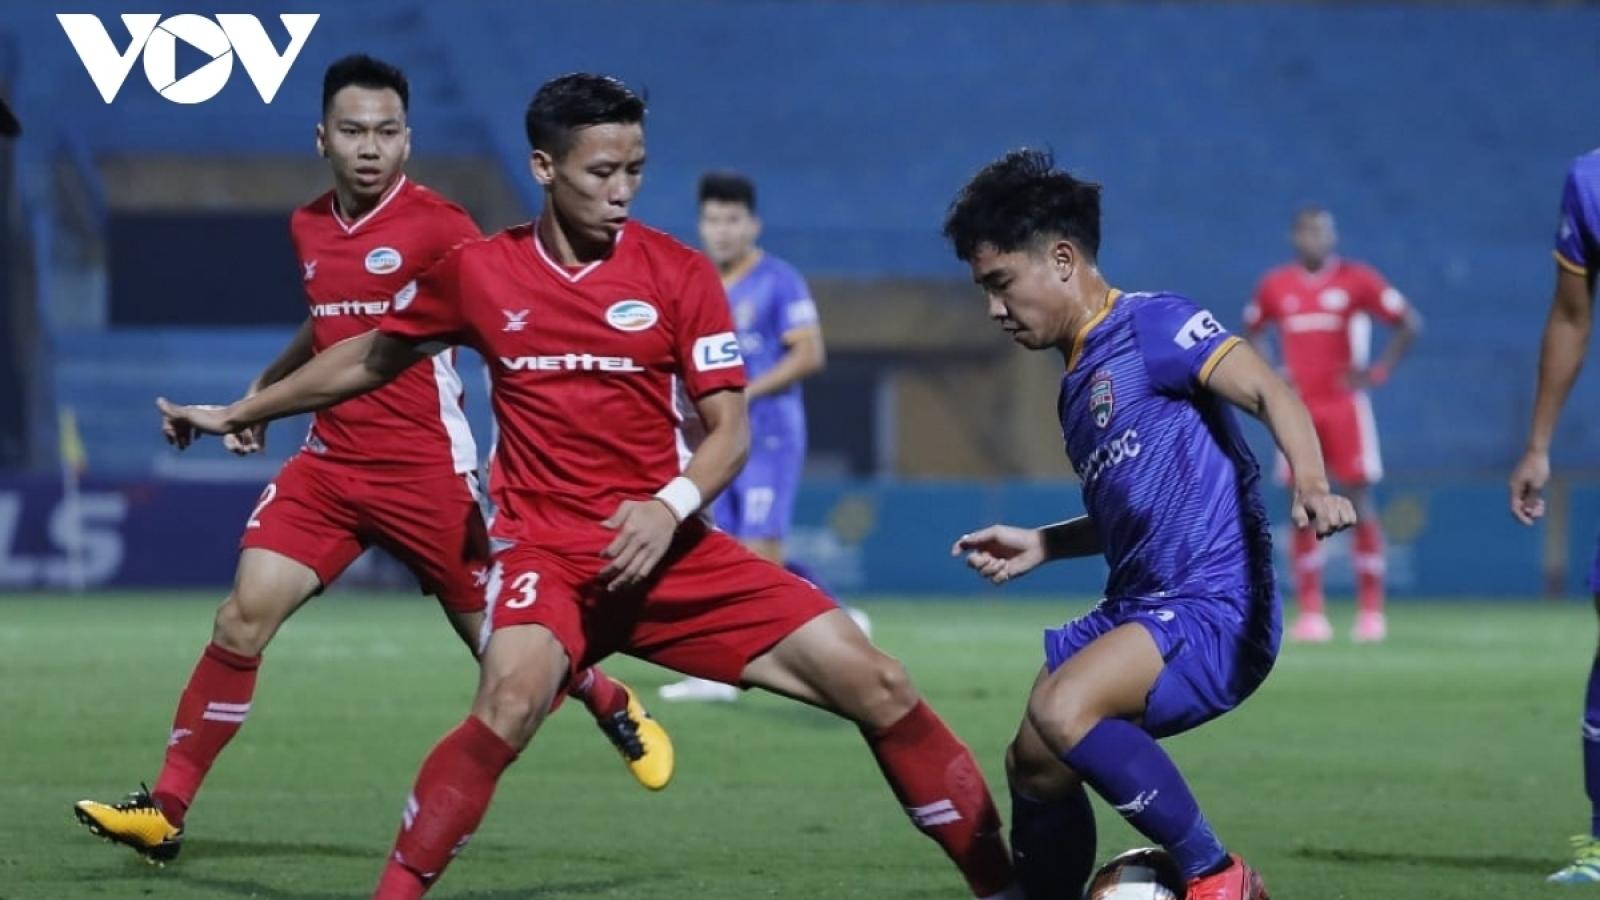 Quế Ngọc Hải trở lại, Viettel FC quyết tâm giành 3 điểm trước Bình Dương